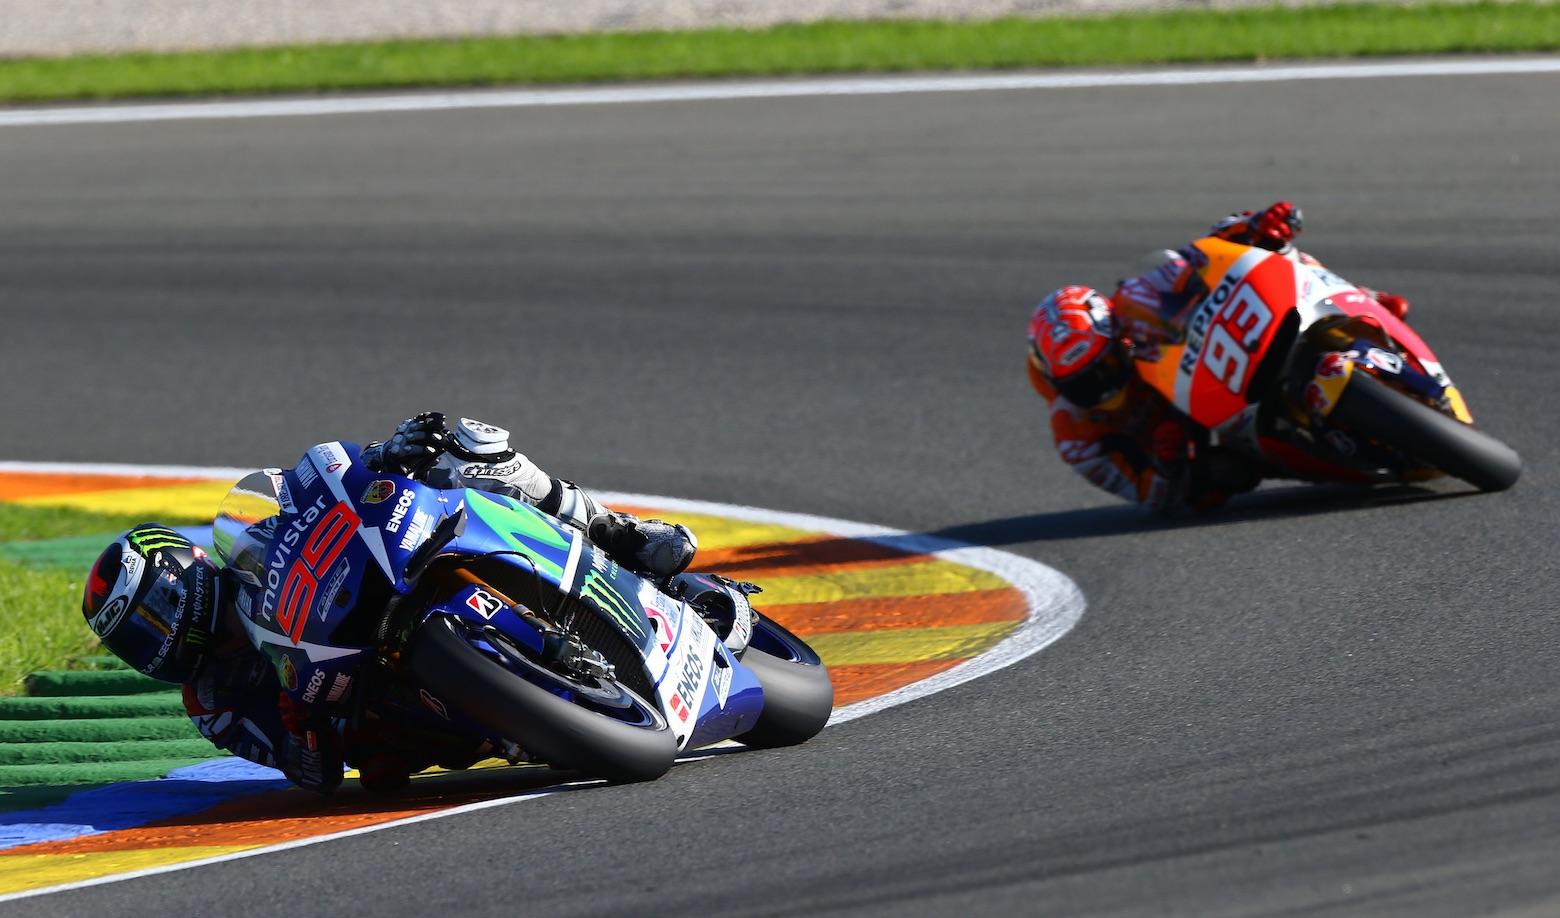 Valencia acogerá MotoGP hasta 2021